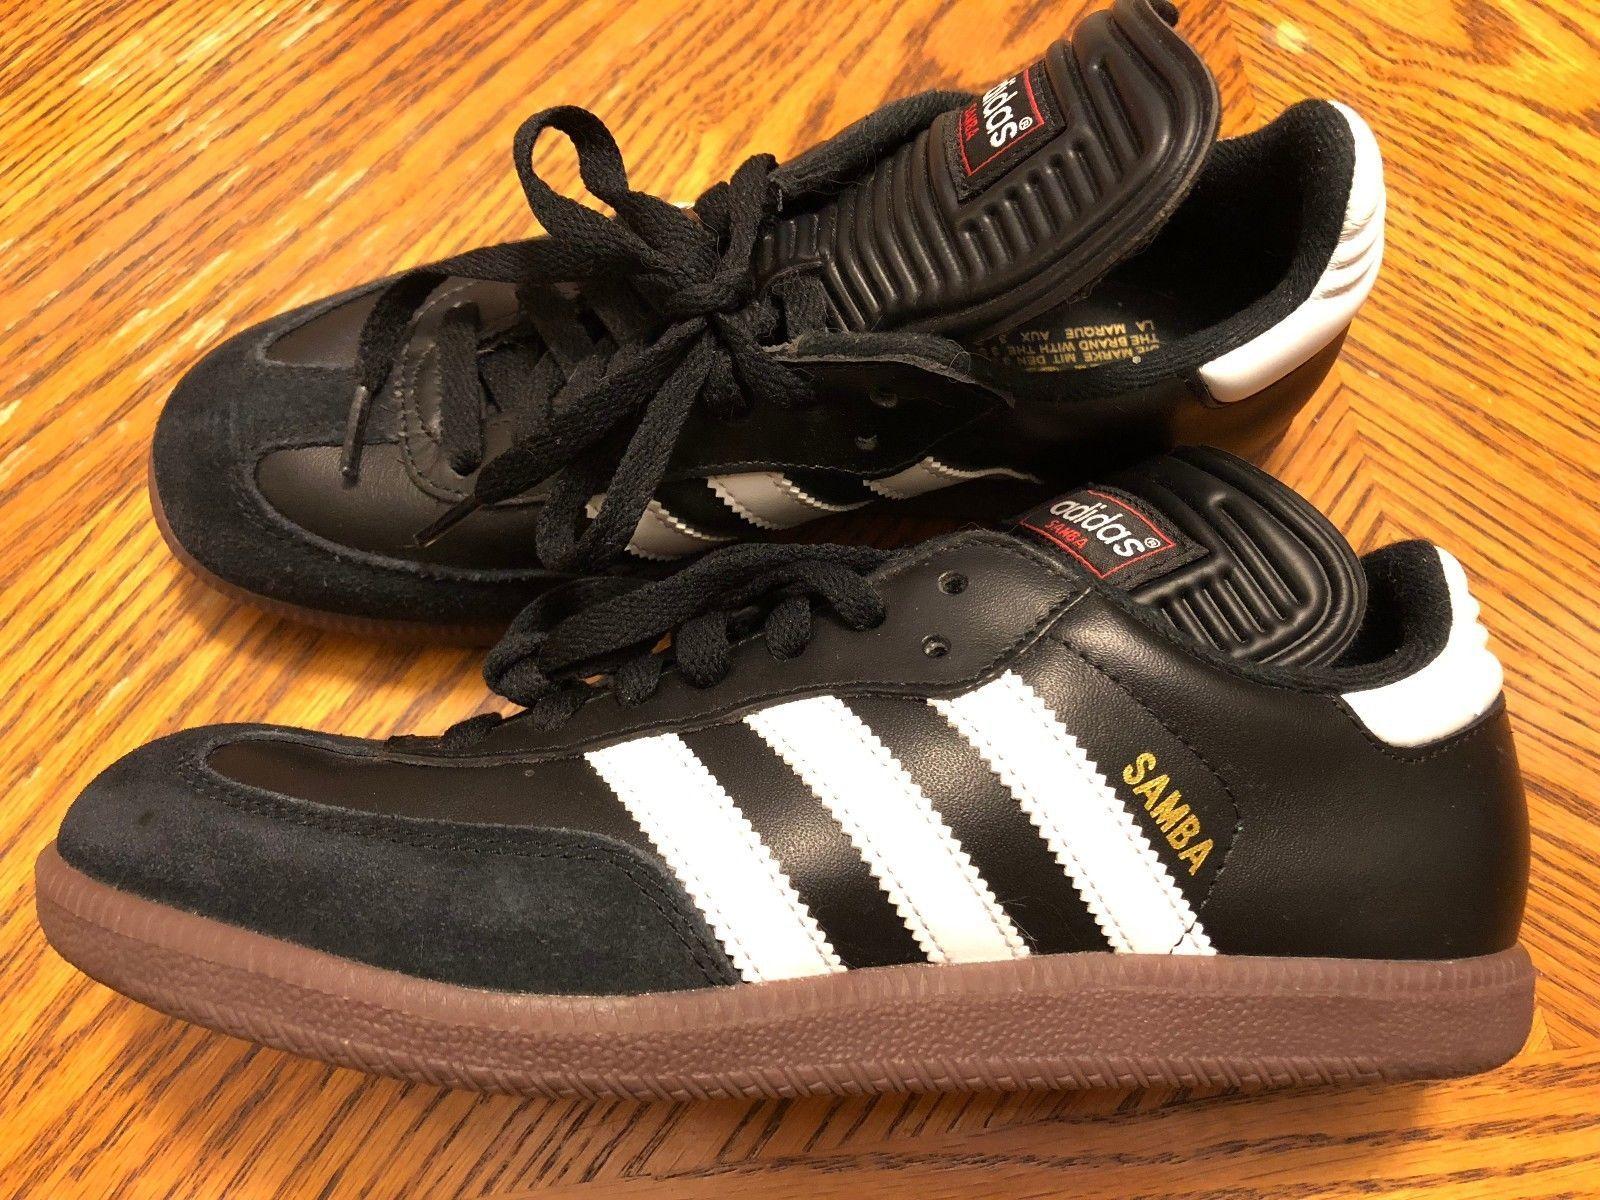 7dbd142e959 ... spain adidas samba shoes mens size 6.5 black w white stripes 6af26  e846e ...